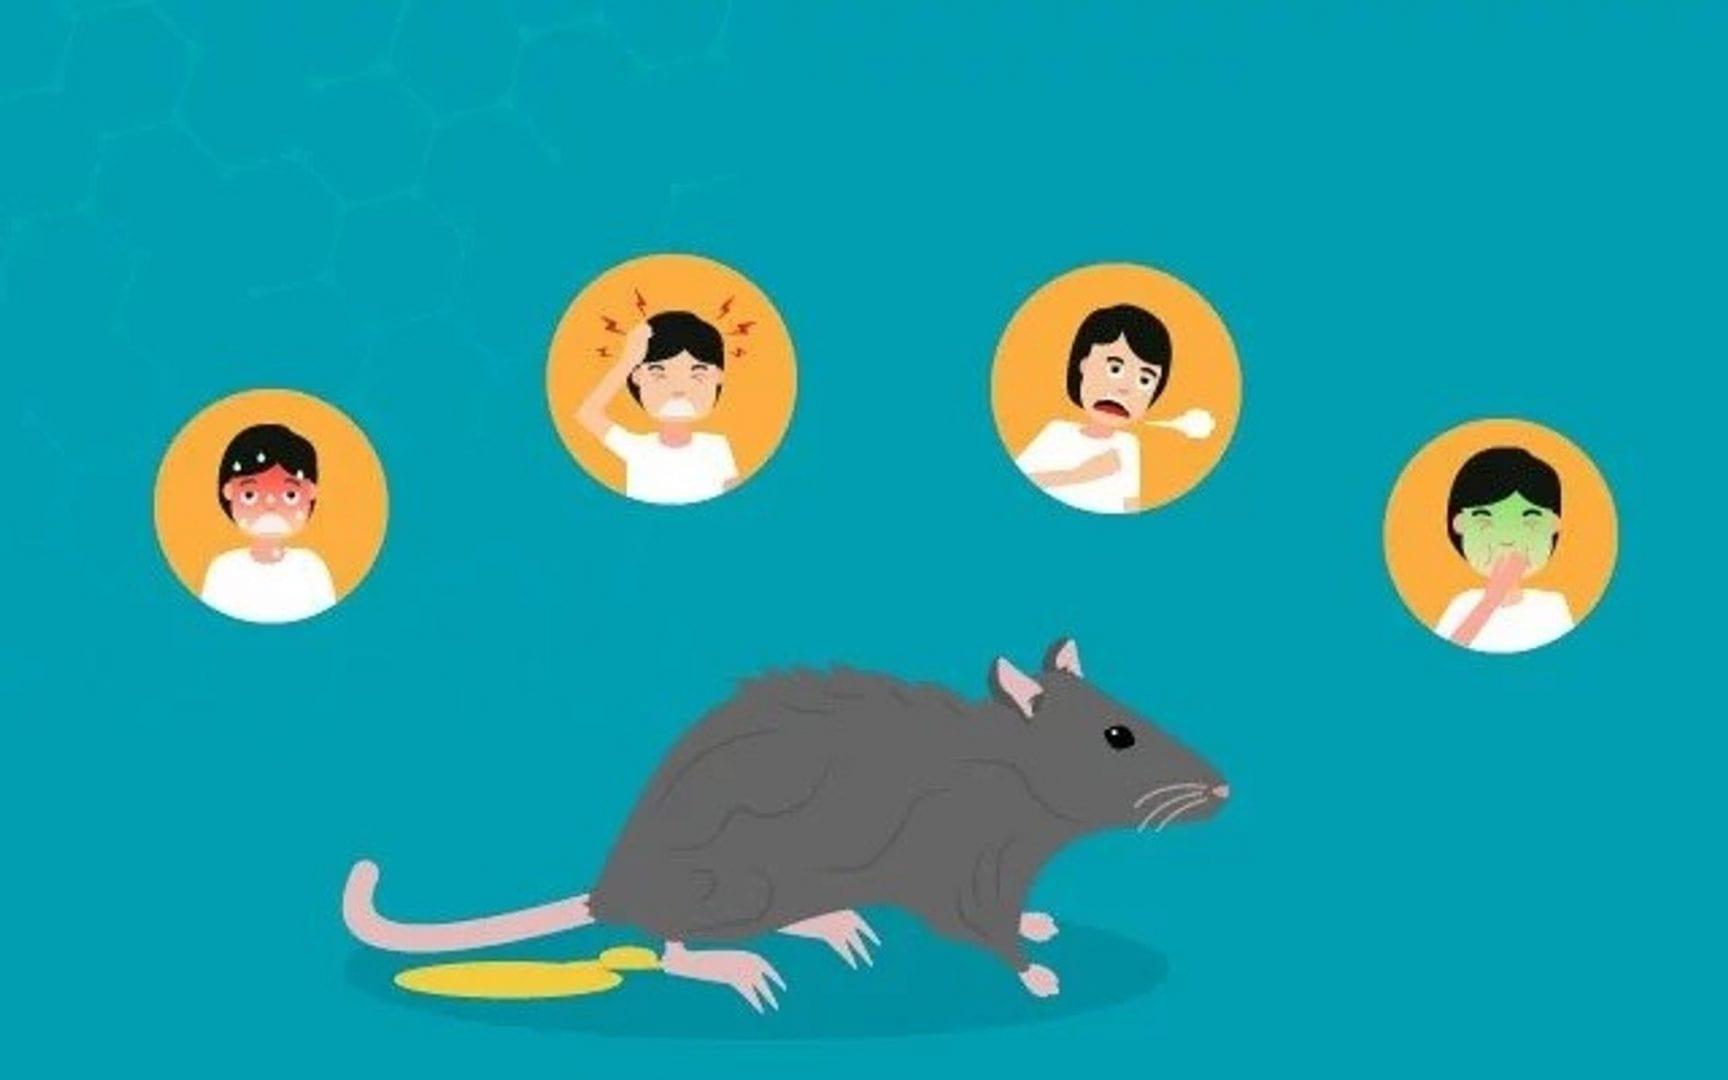 Leptospirose - o que é? Sintomas, tratamento e formas de prevenção